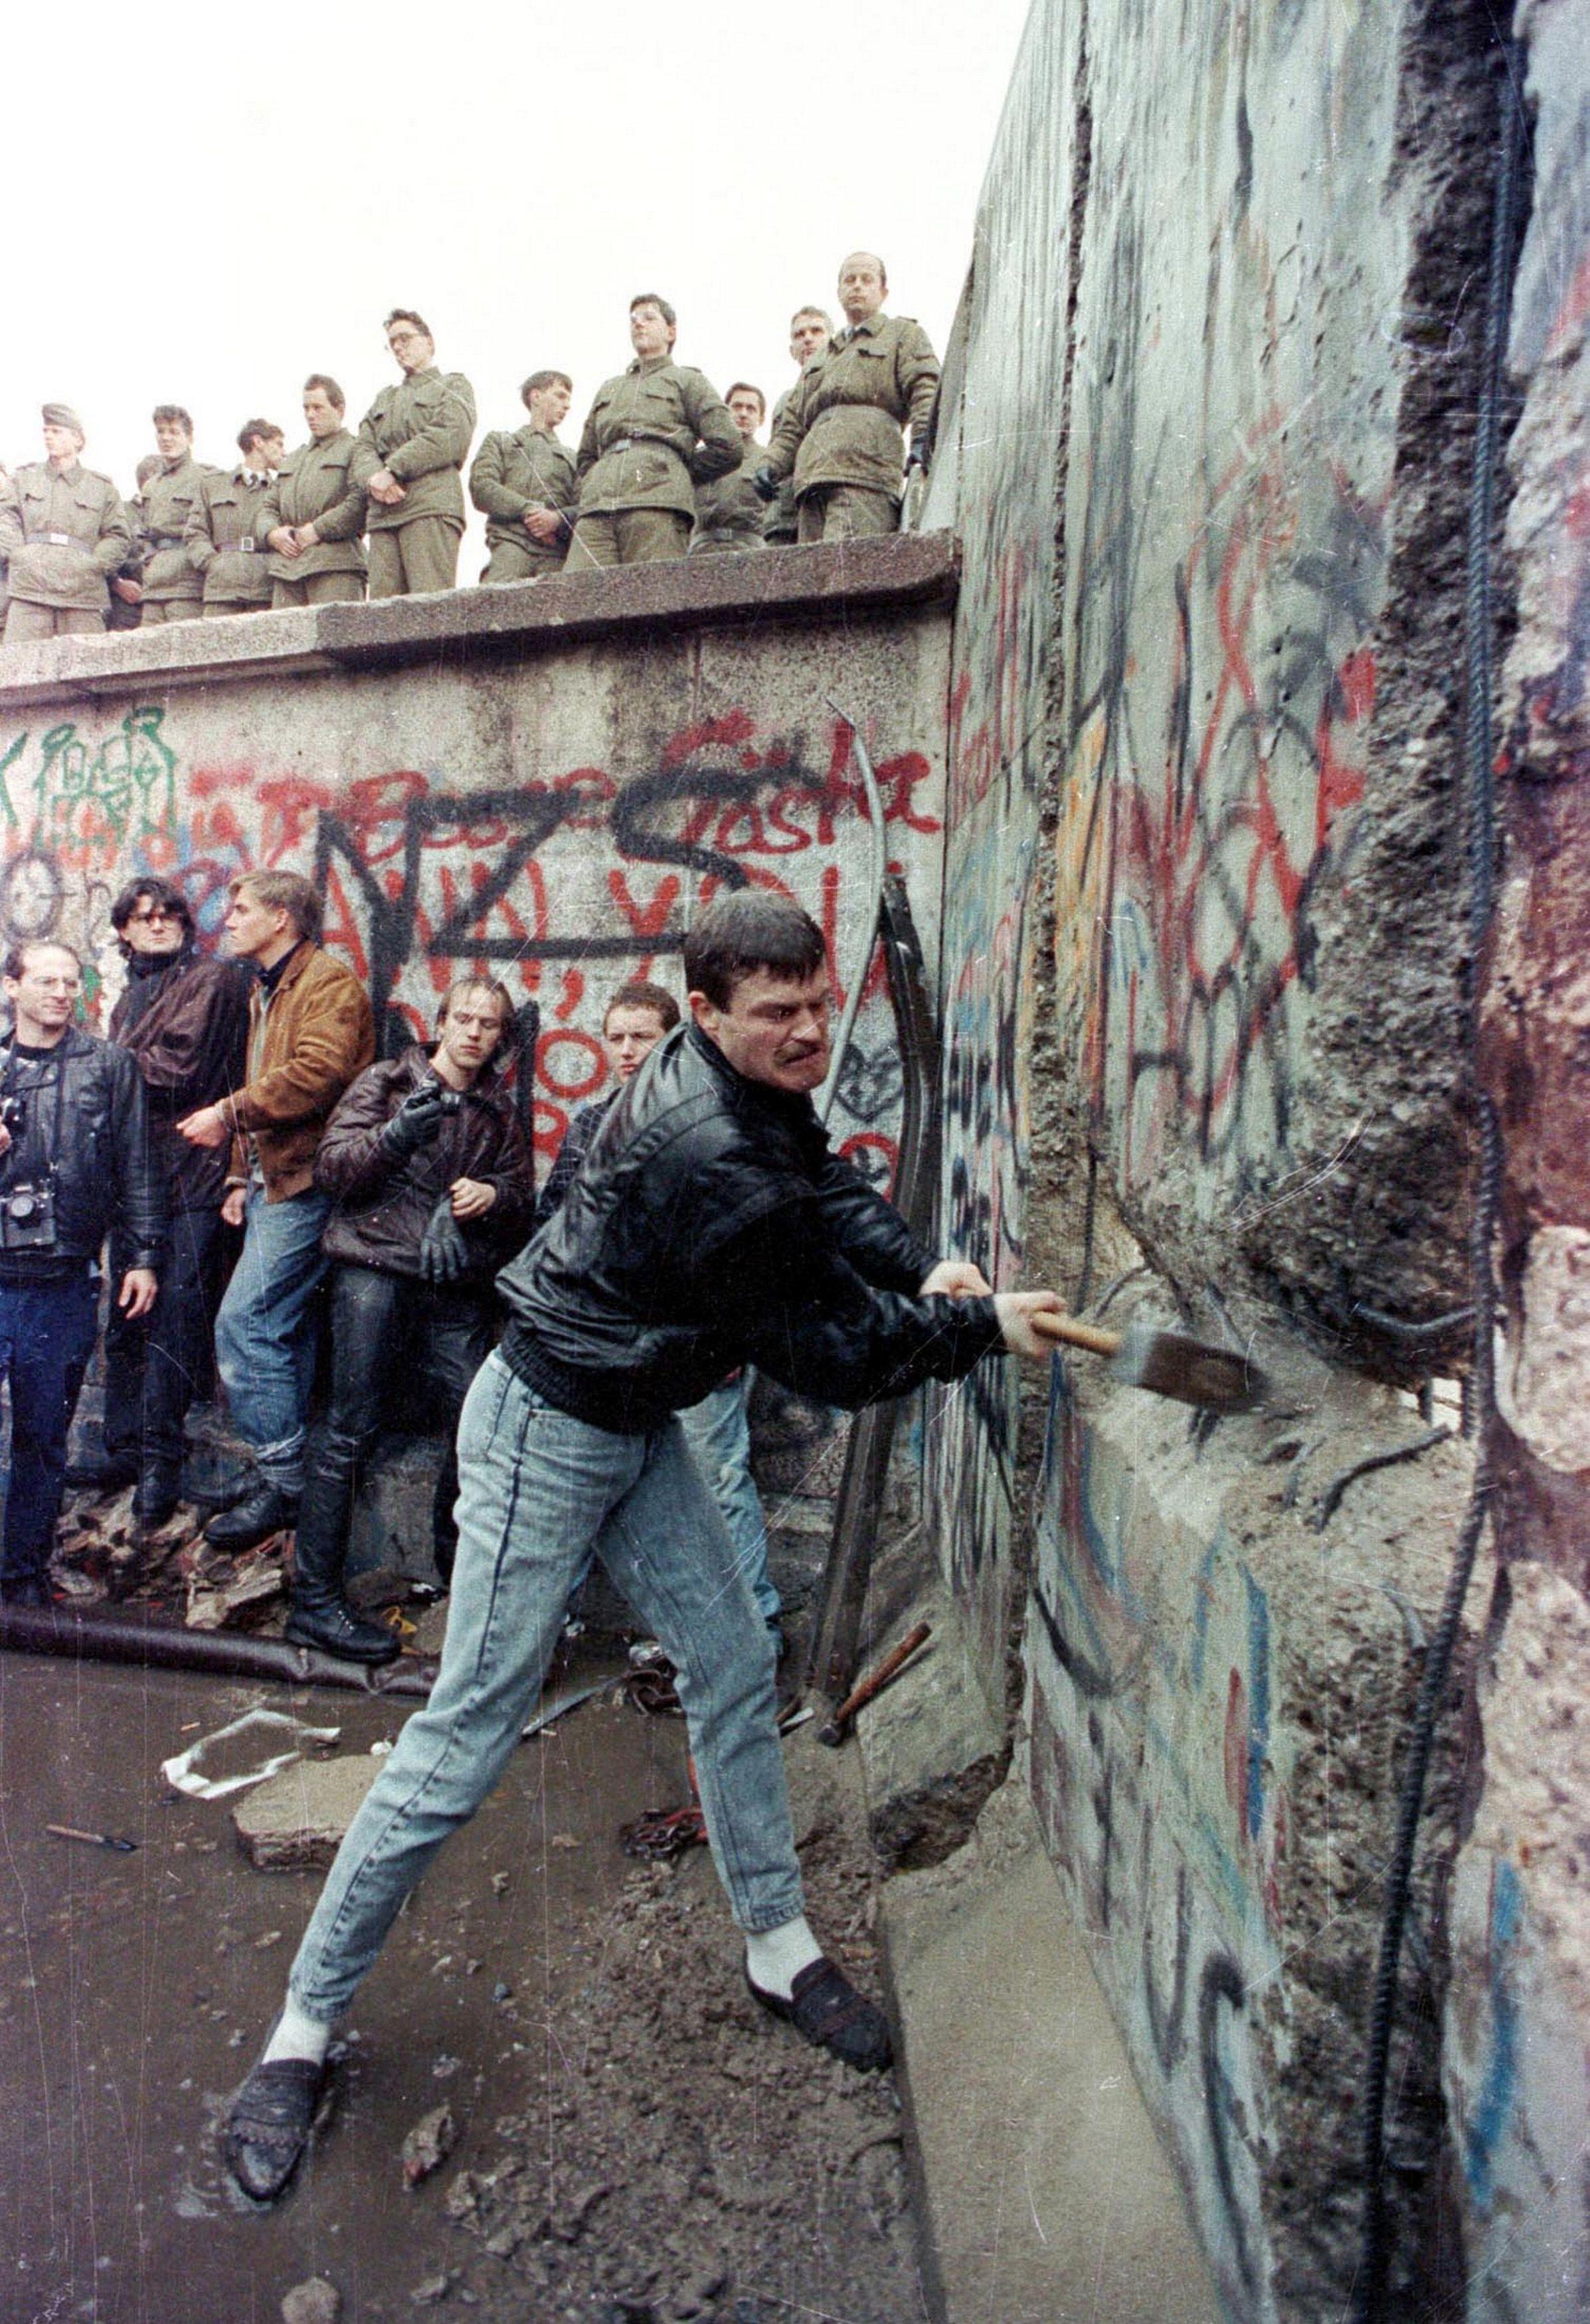 Chute du mur de Berlin : comment la réunification a conduit à une domination germanique sur l'Europe que l'Allemagne ne cherchait pas